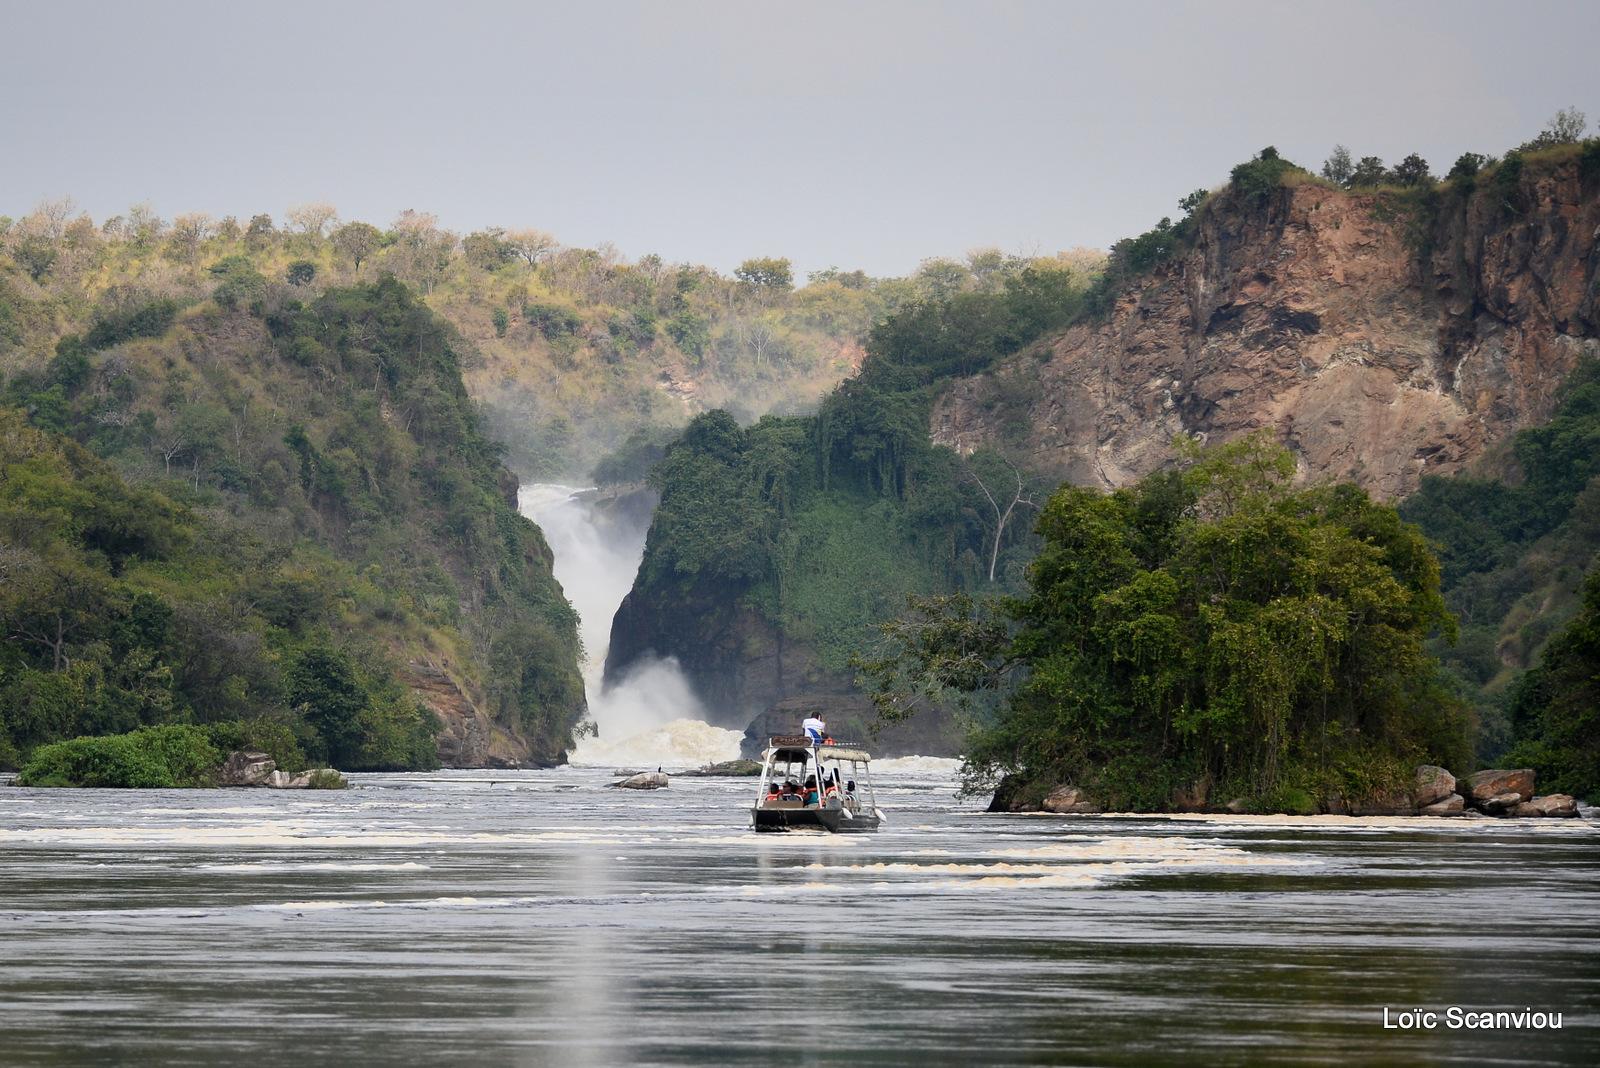 Les chutes de Murchison/Murchison Falls (8)